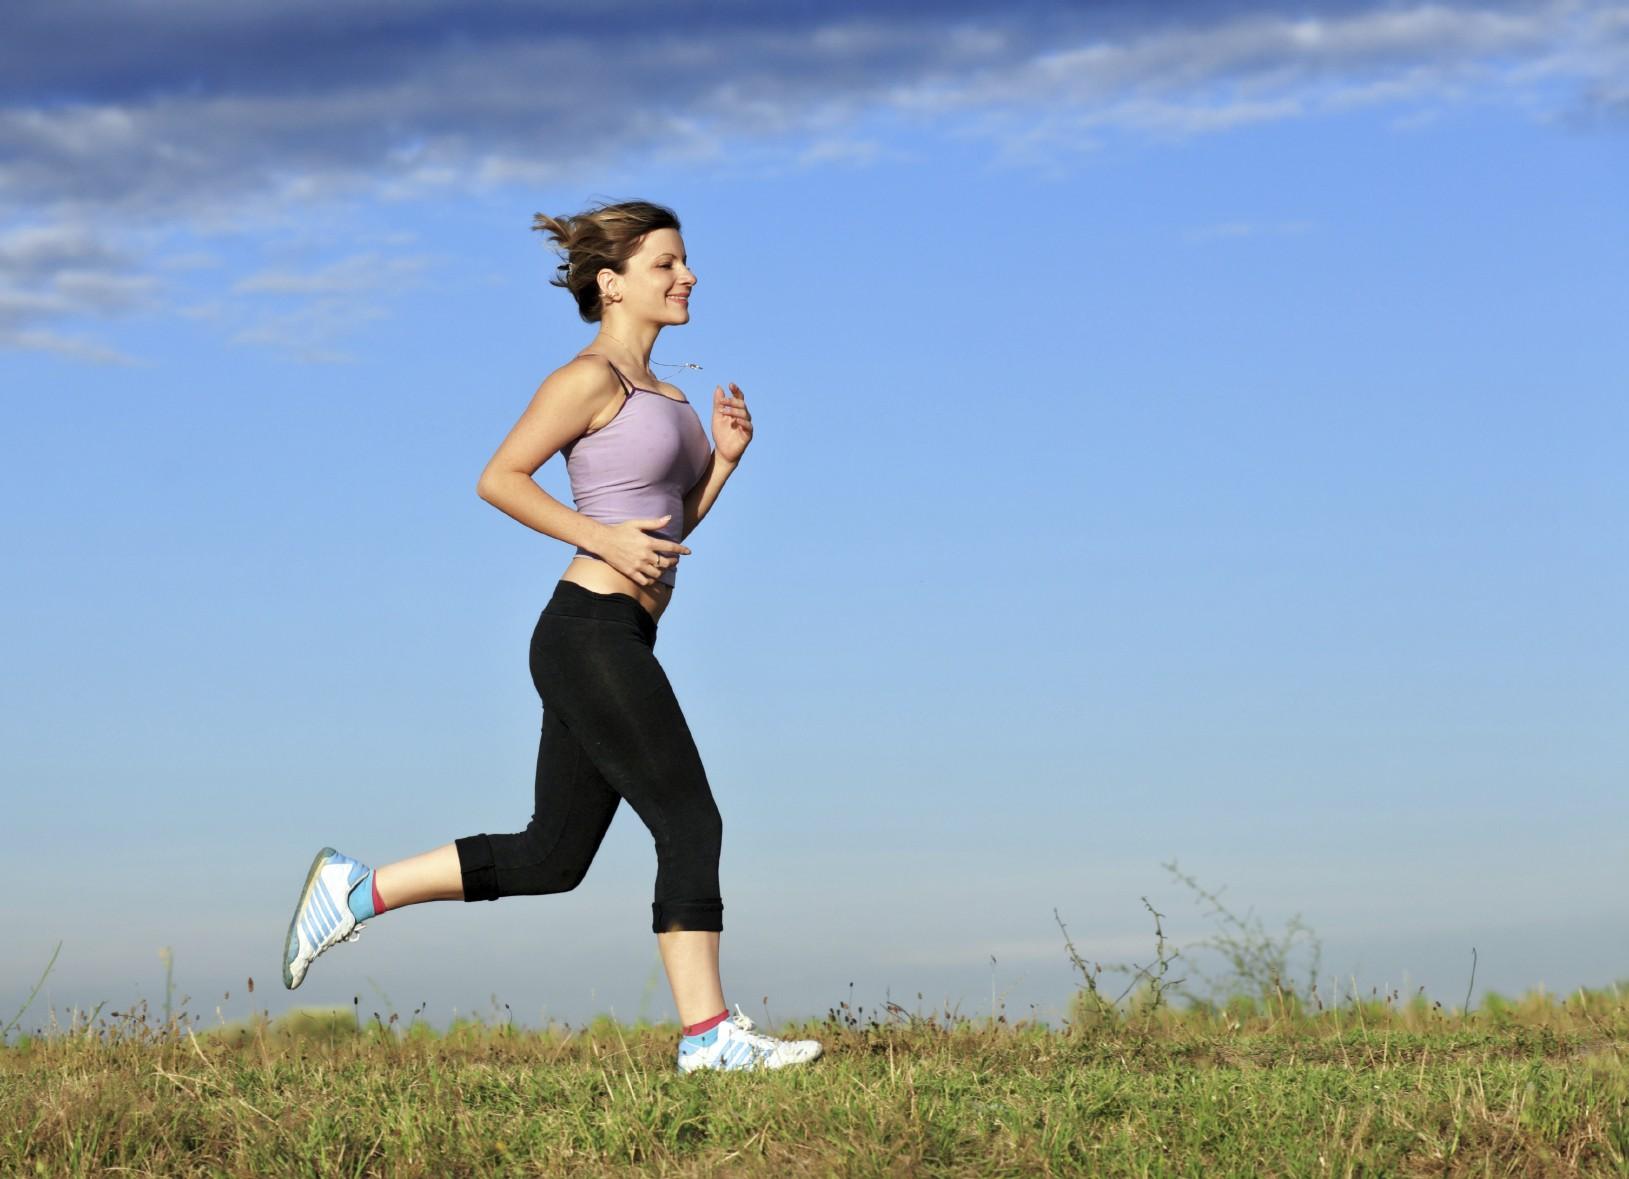 lehetséges-e hipertóniával 3 sportolni